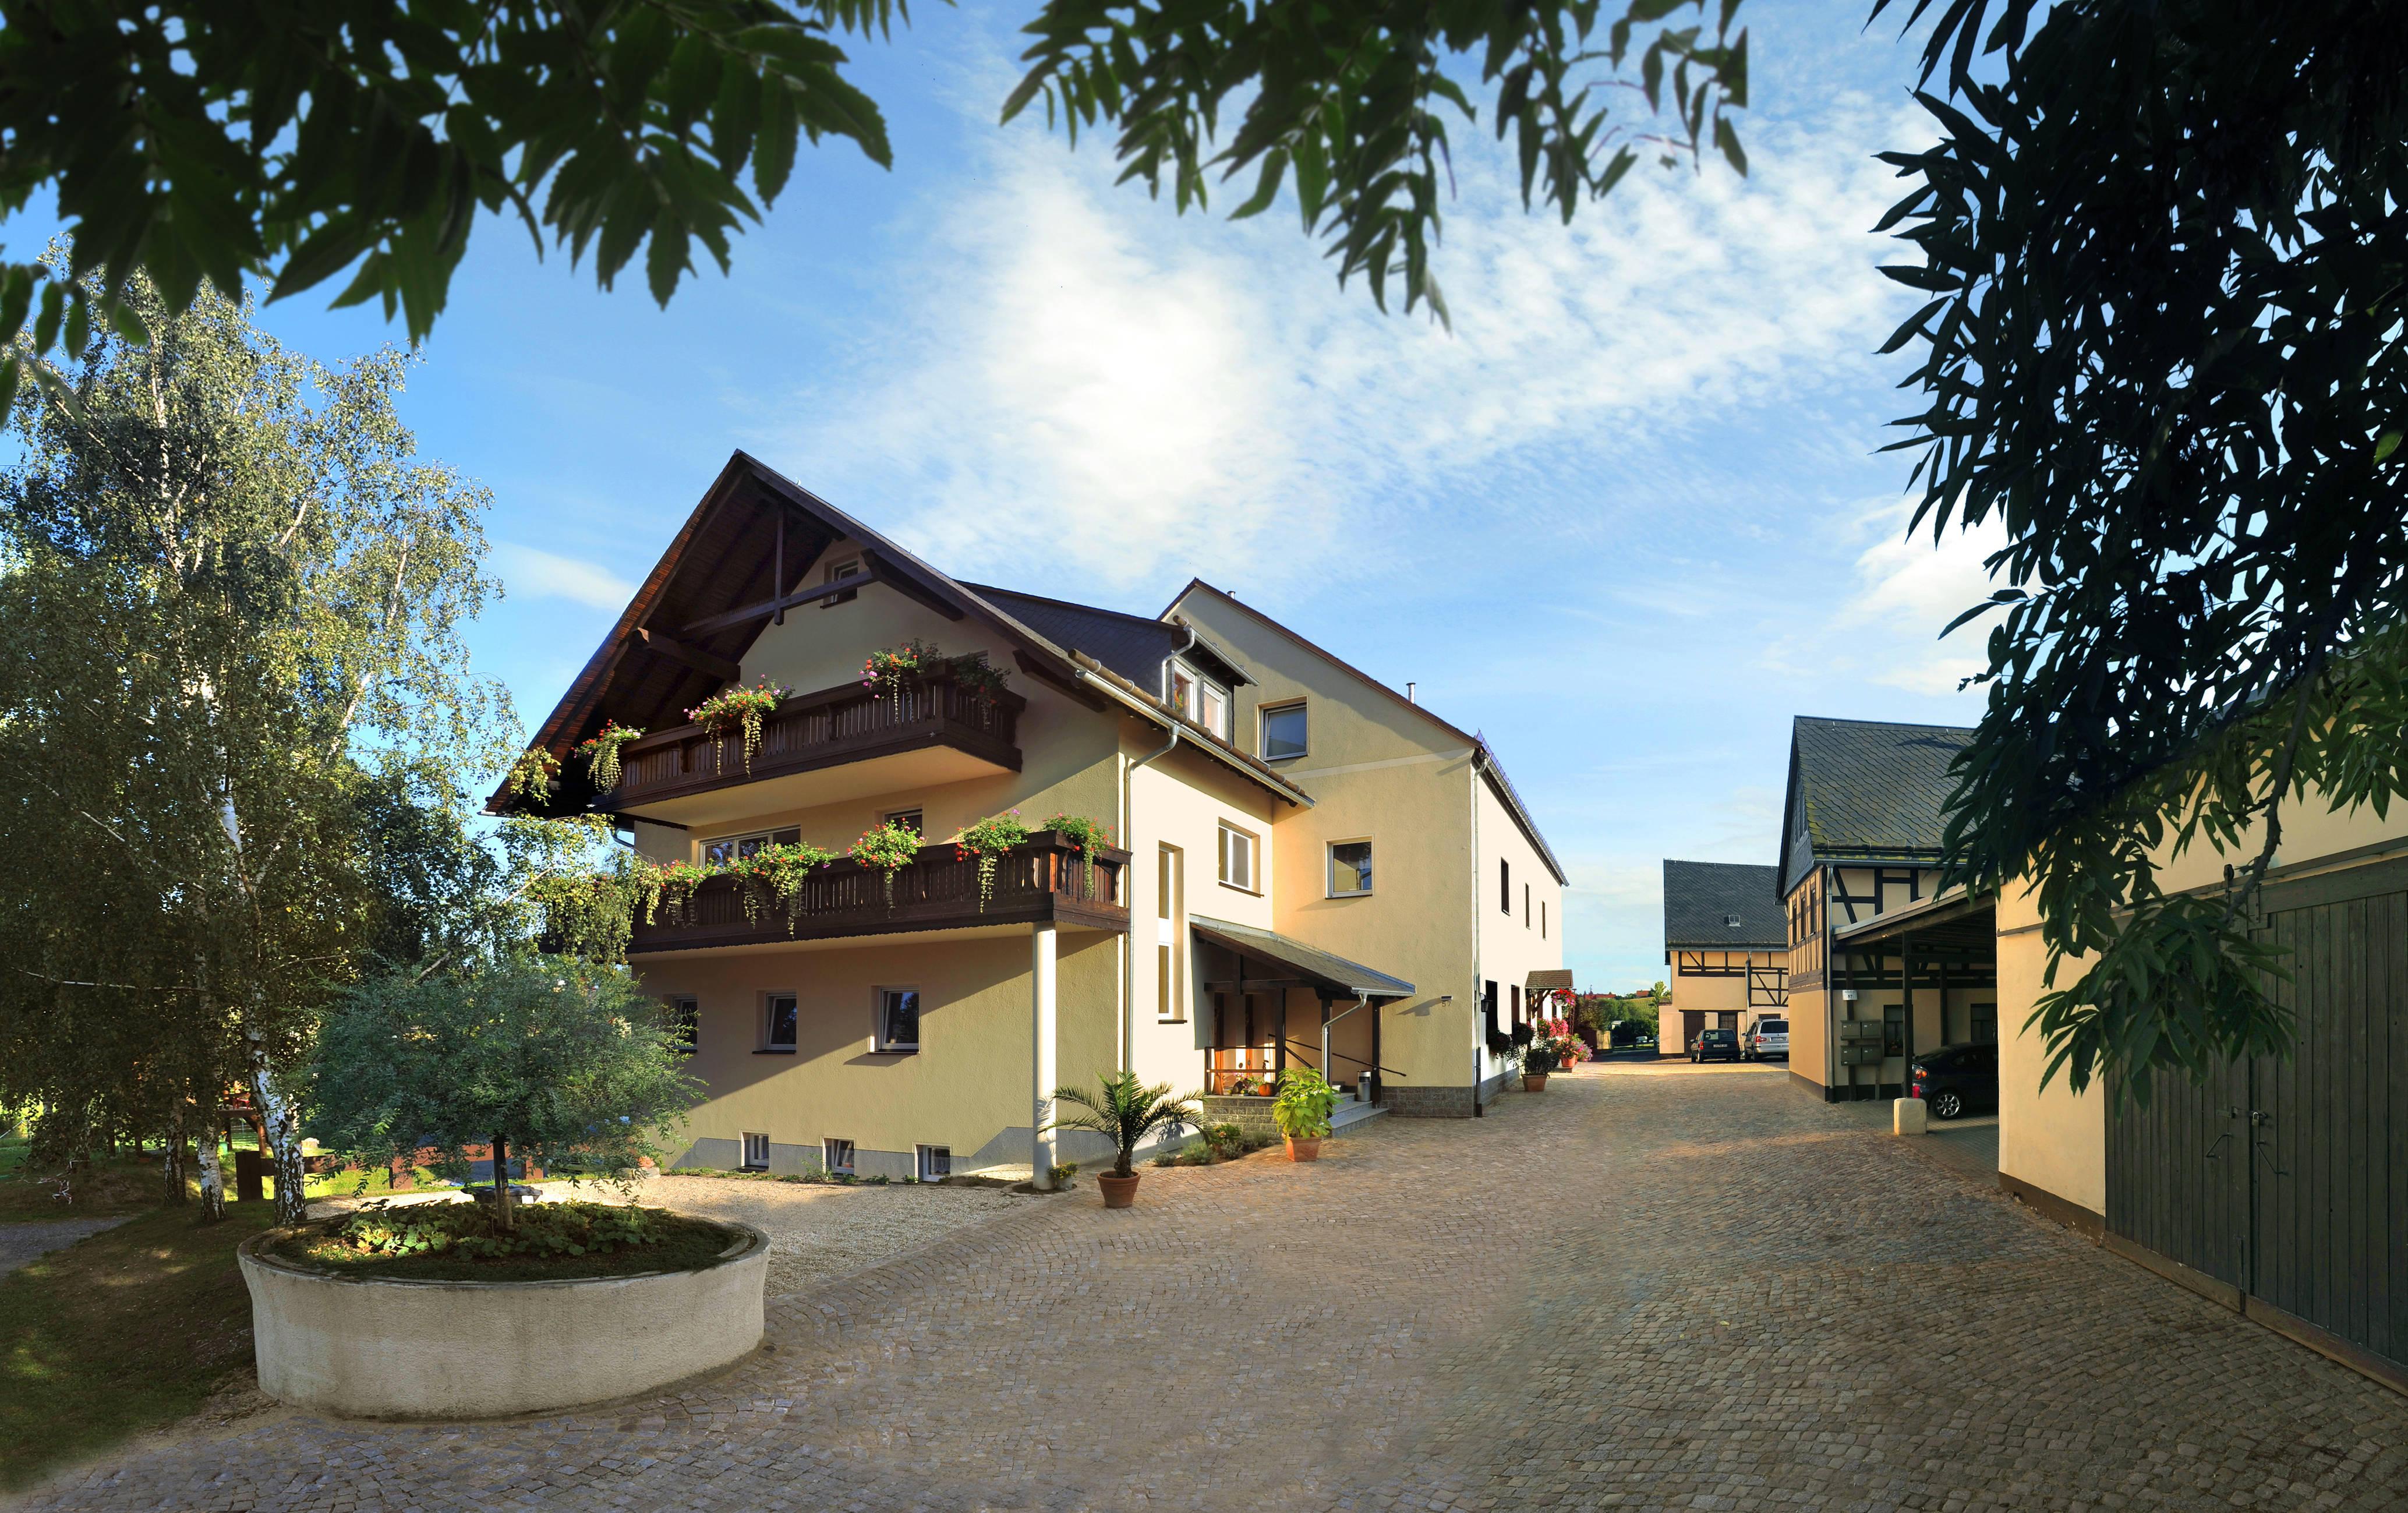 landhotel billing in glauchau holidaycheck sachsen deutschland. Black Bedroom Furniture Sets. Home Design Ideas